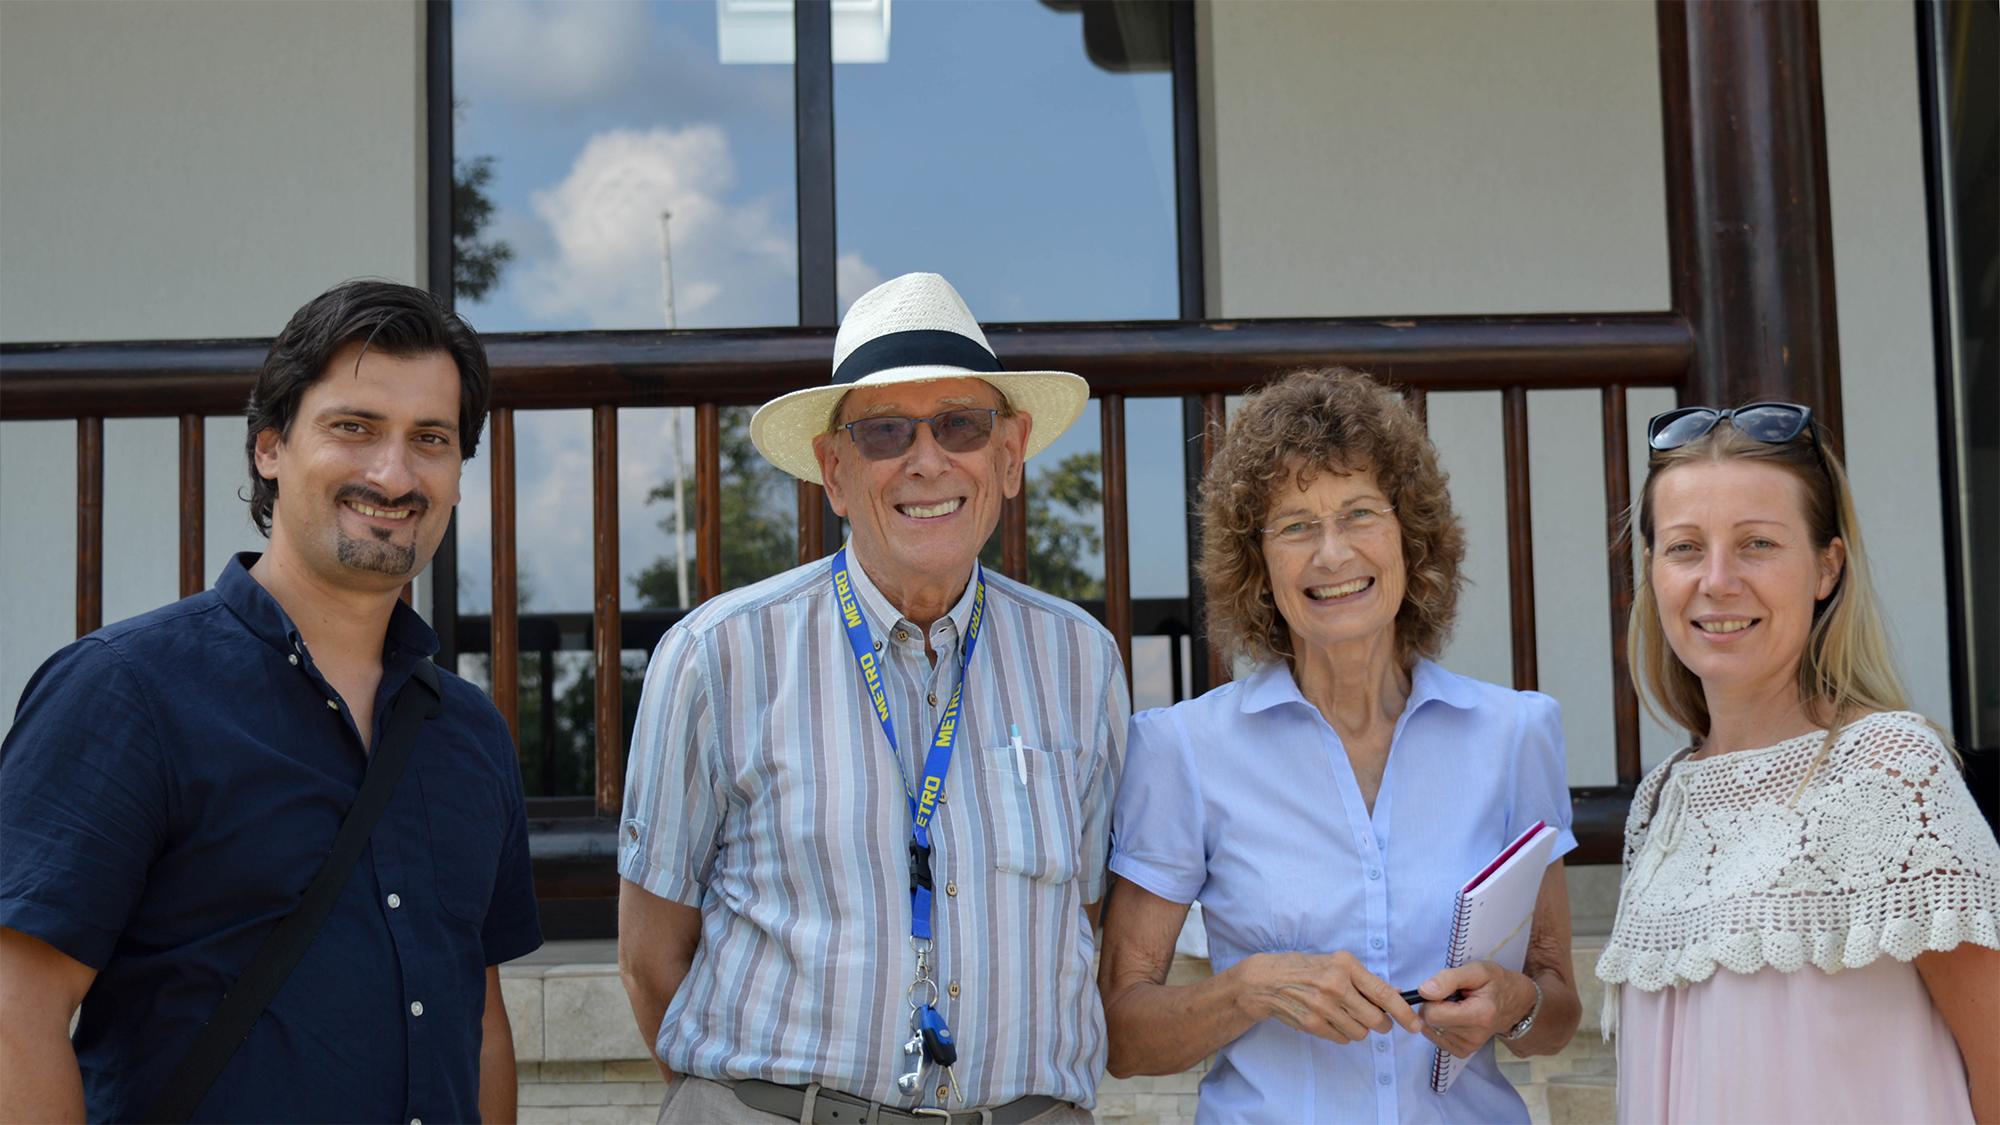 Eric és Rosemary Barrett, valamint Nagy-Kasza Dániel és Lona